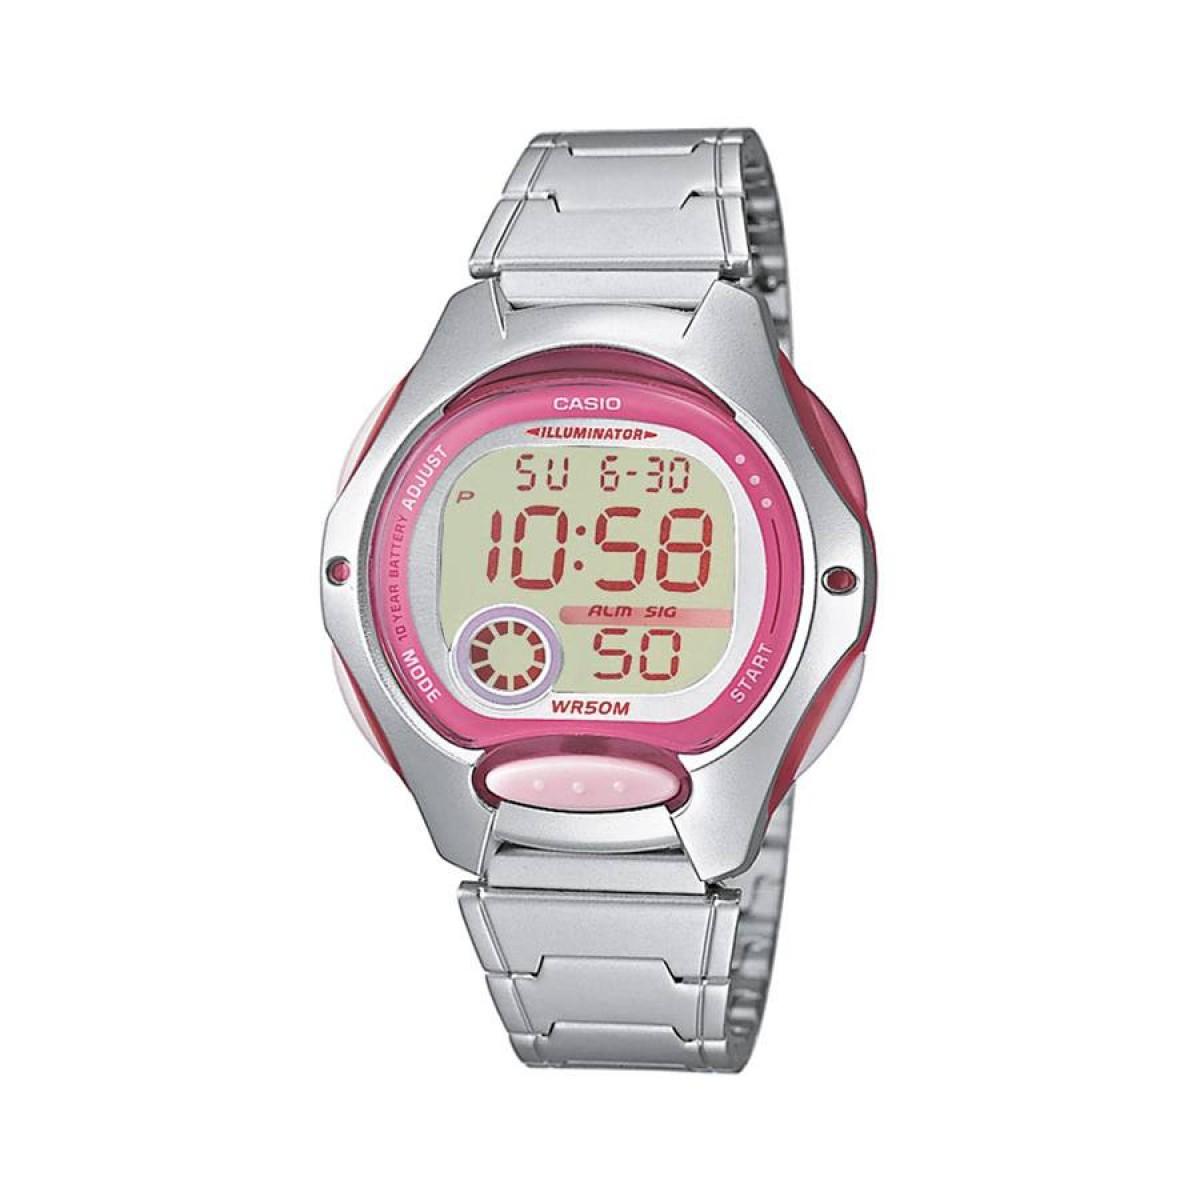 Часовник Casio LW-200D-4AVEF